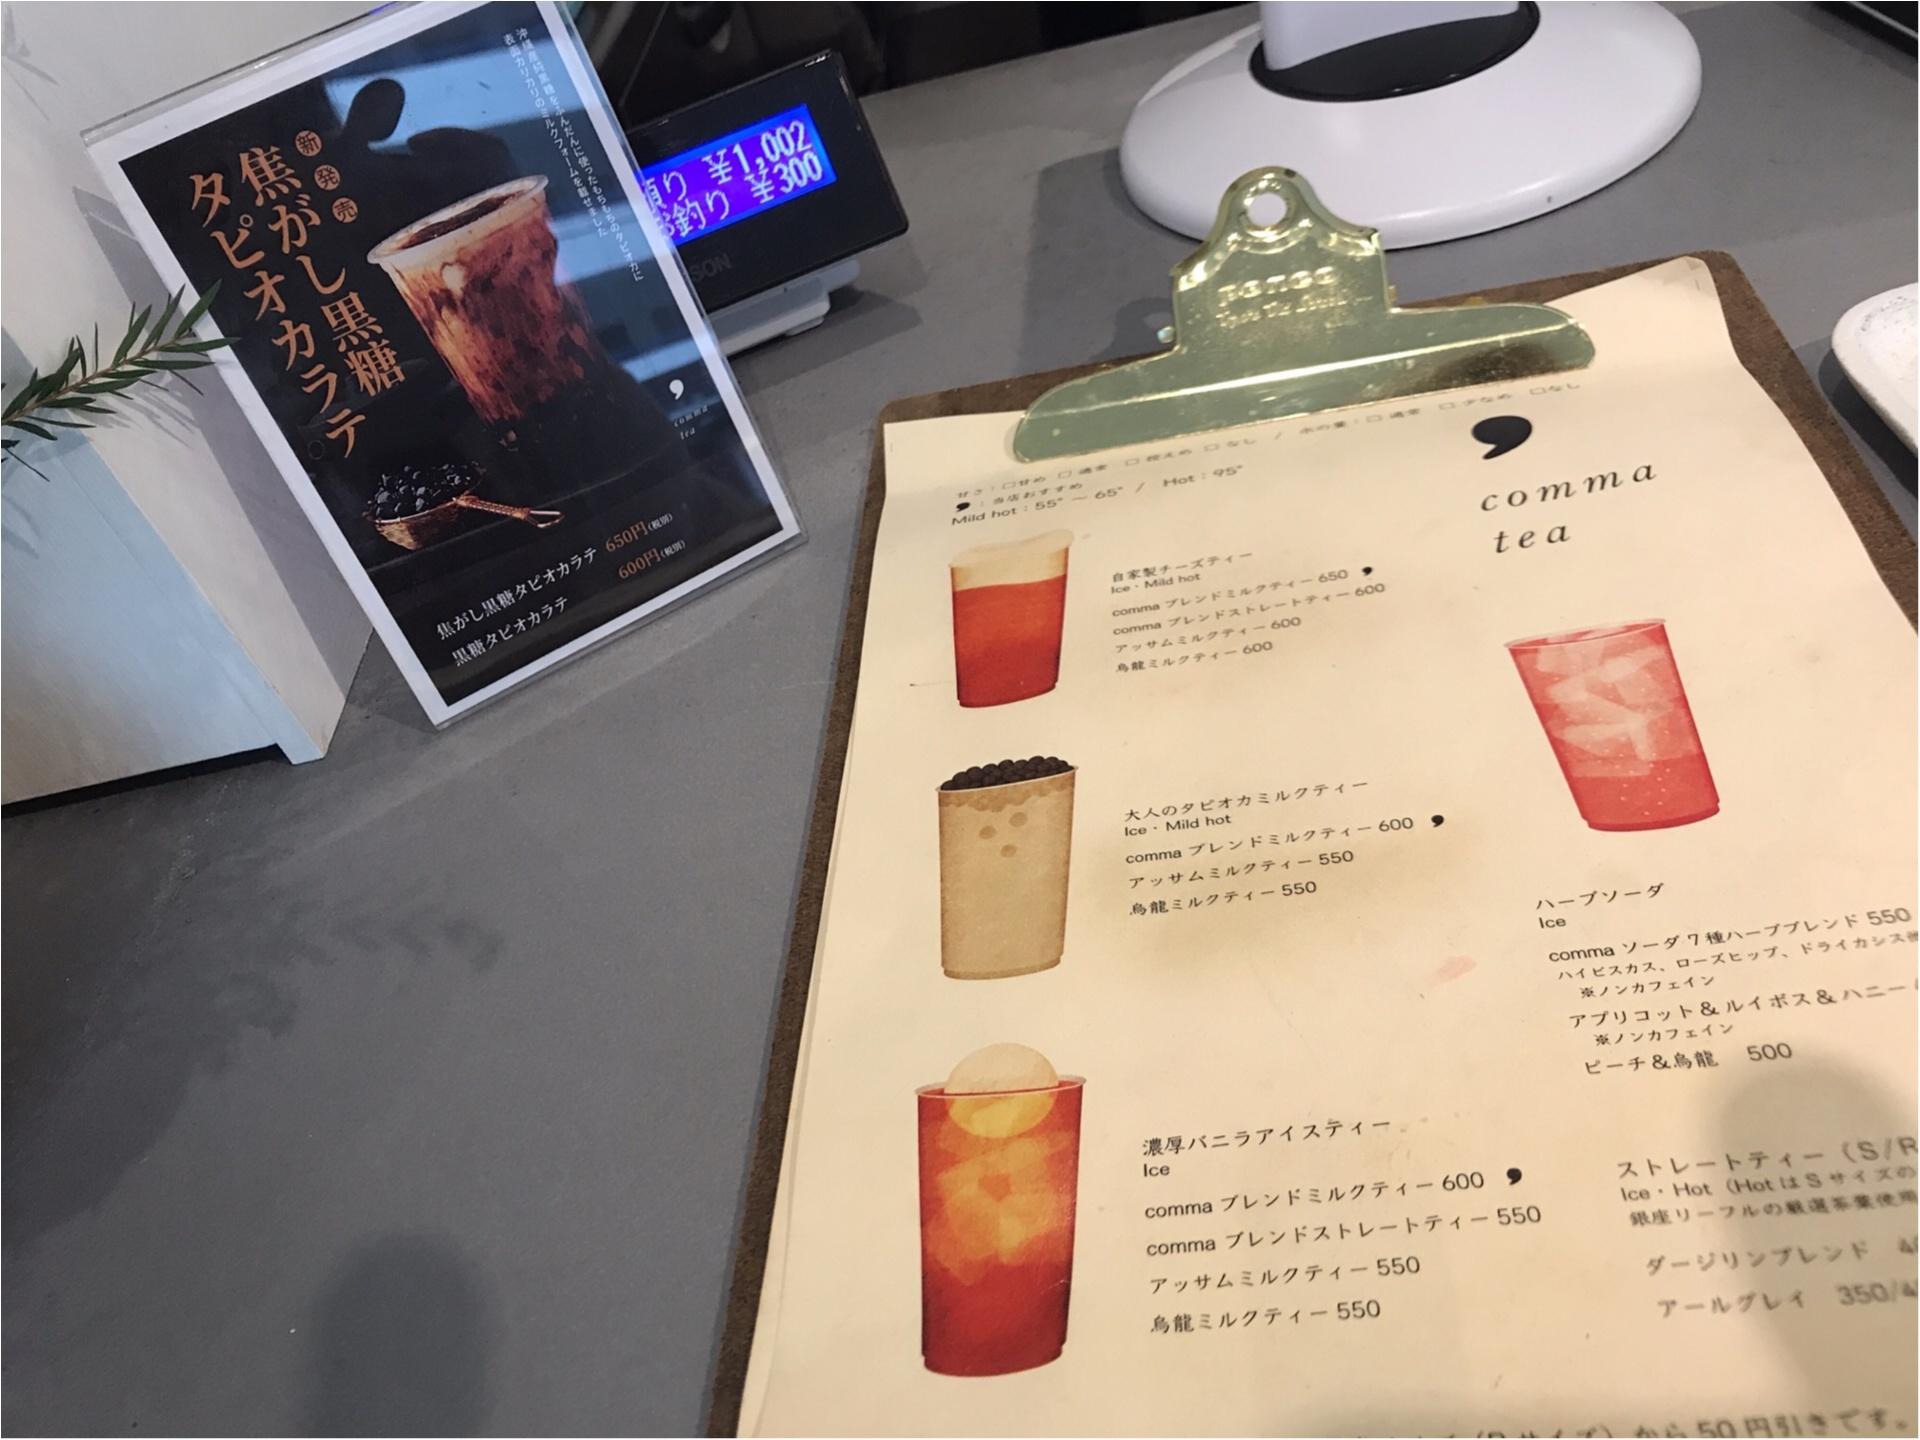 【コンマティー(comma tea)】日本初!《焦がし黒糖タピオカラテ》が絶品なんです♡_2